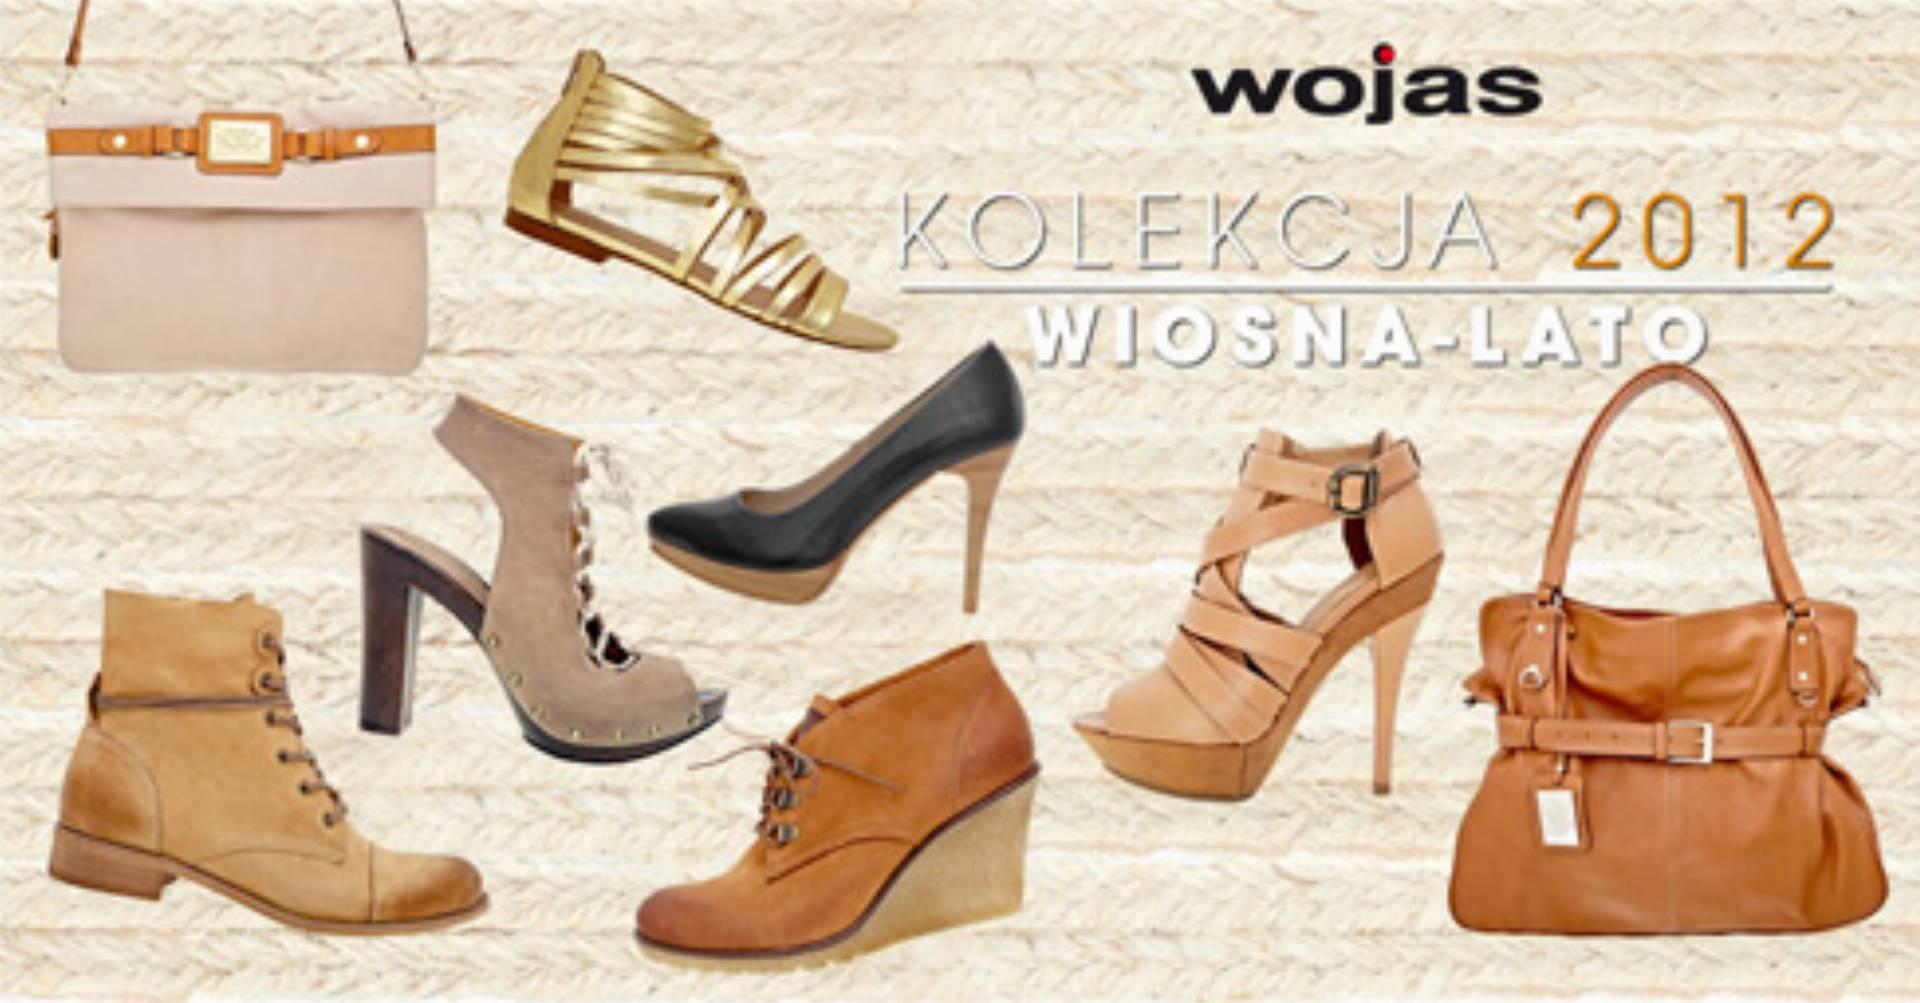 889fda5408d15 Zwiastun nowej kolekcji damskiej Wojas - wiosna lato 2012 ...